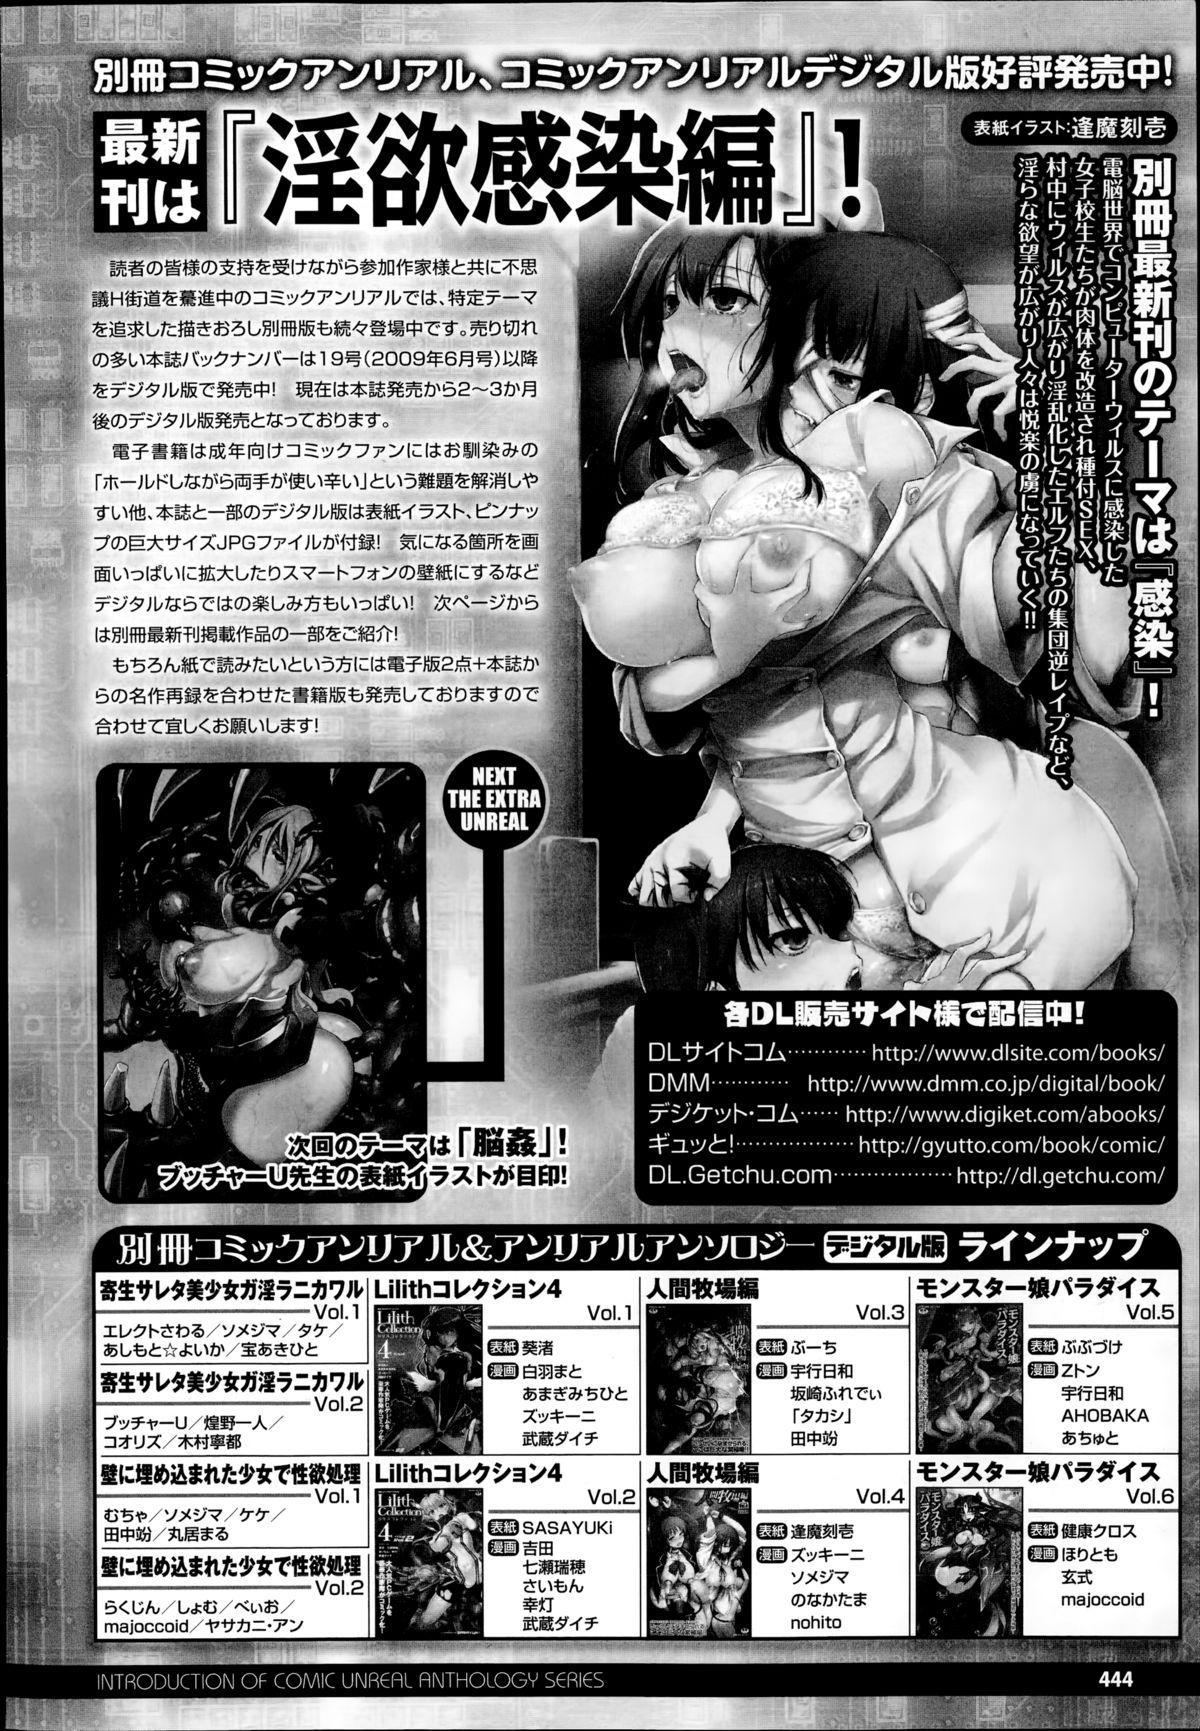 COMIC Unreal 2014-10 Vol.51 439